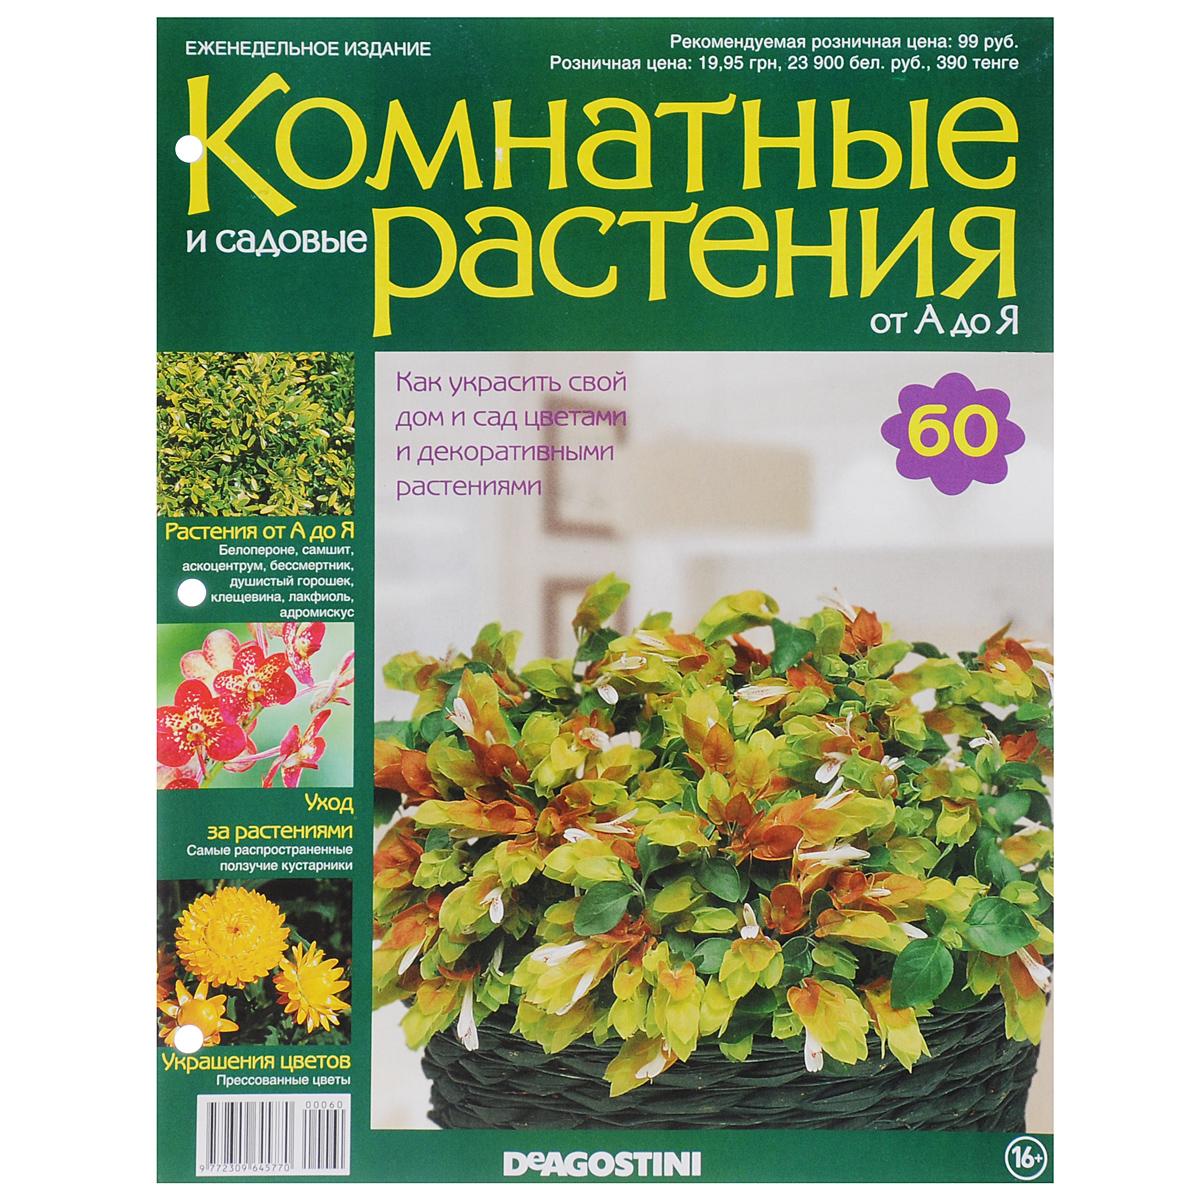 Журнал Комнатные и садовые растения. От А до Я №60 математика для дошкольников от а до я